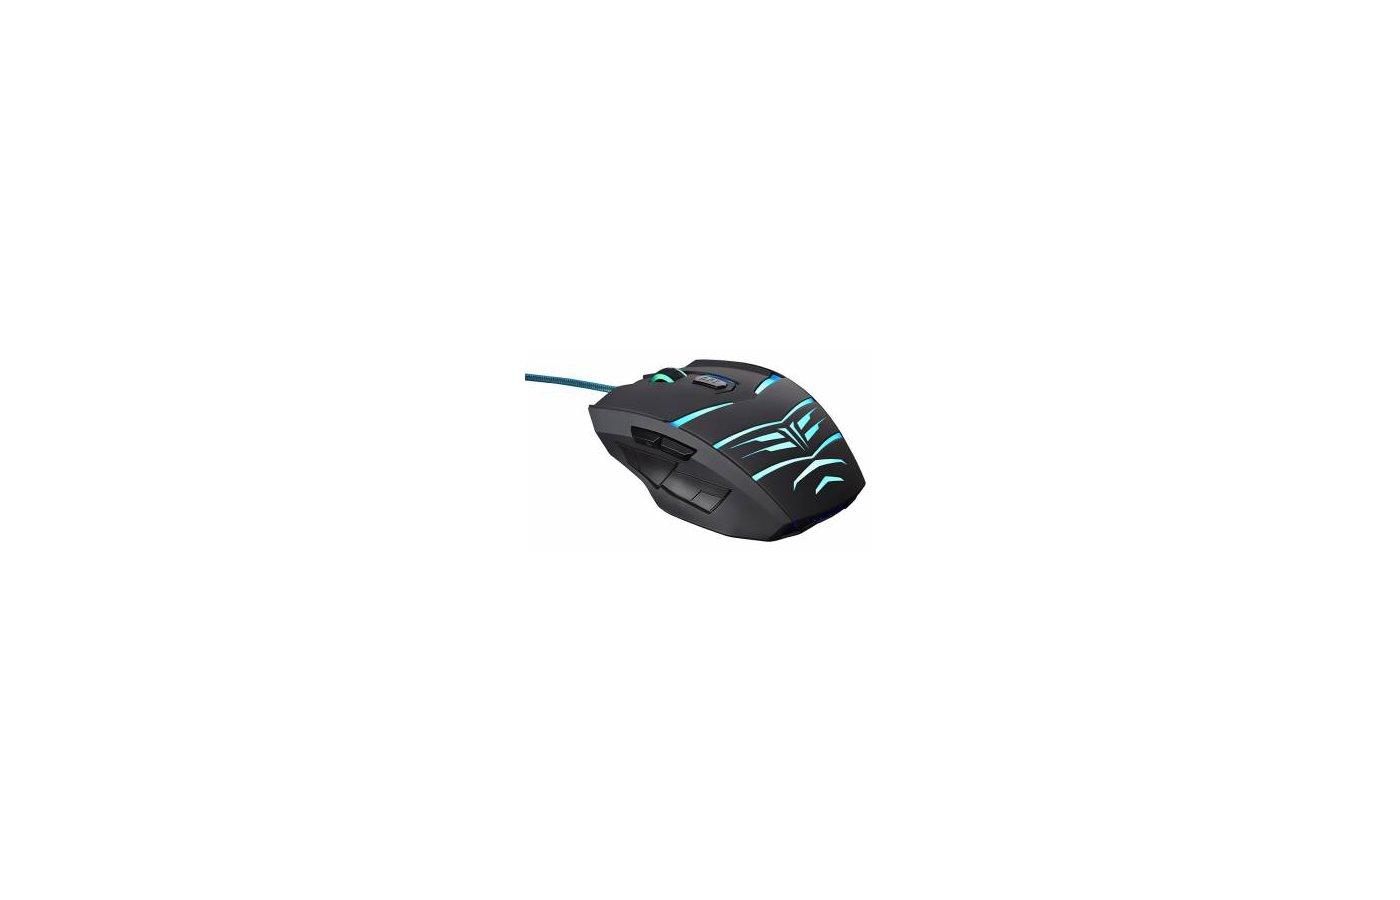 Мышь проводная Oklick 745G LEGACY черный/голубой оптическая (2400dpi) USB игровая (6but)